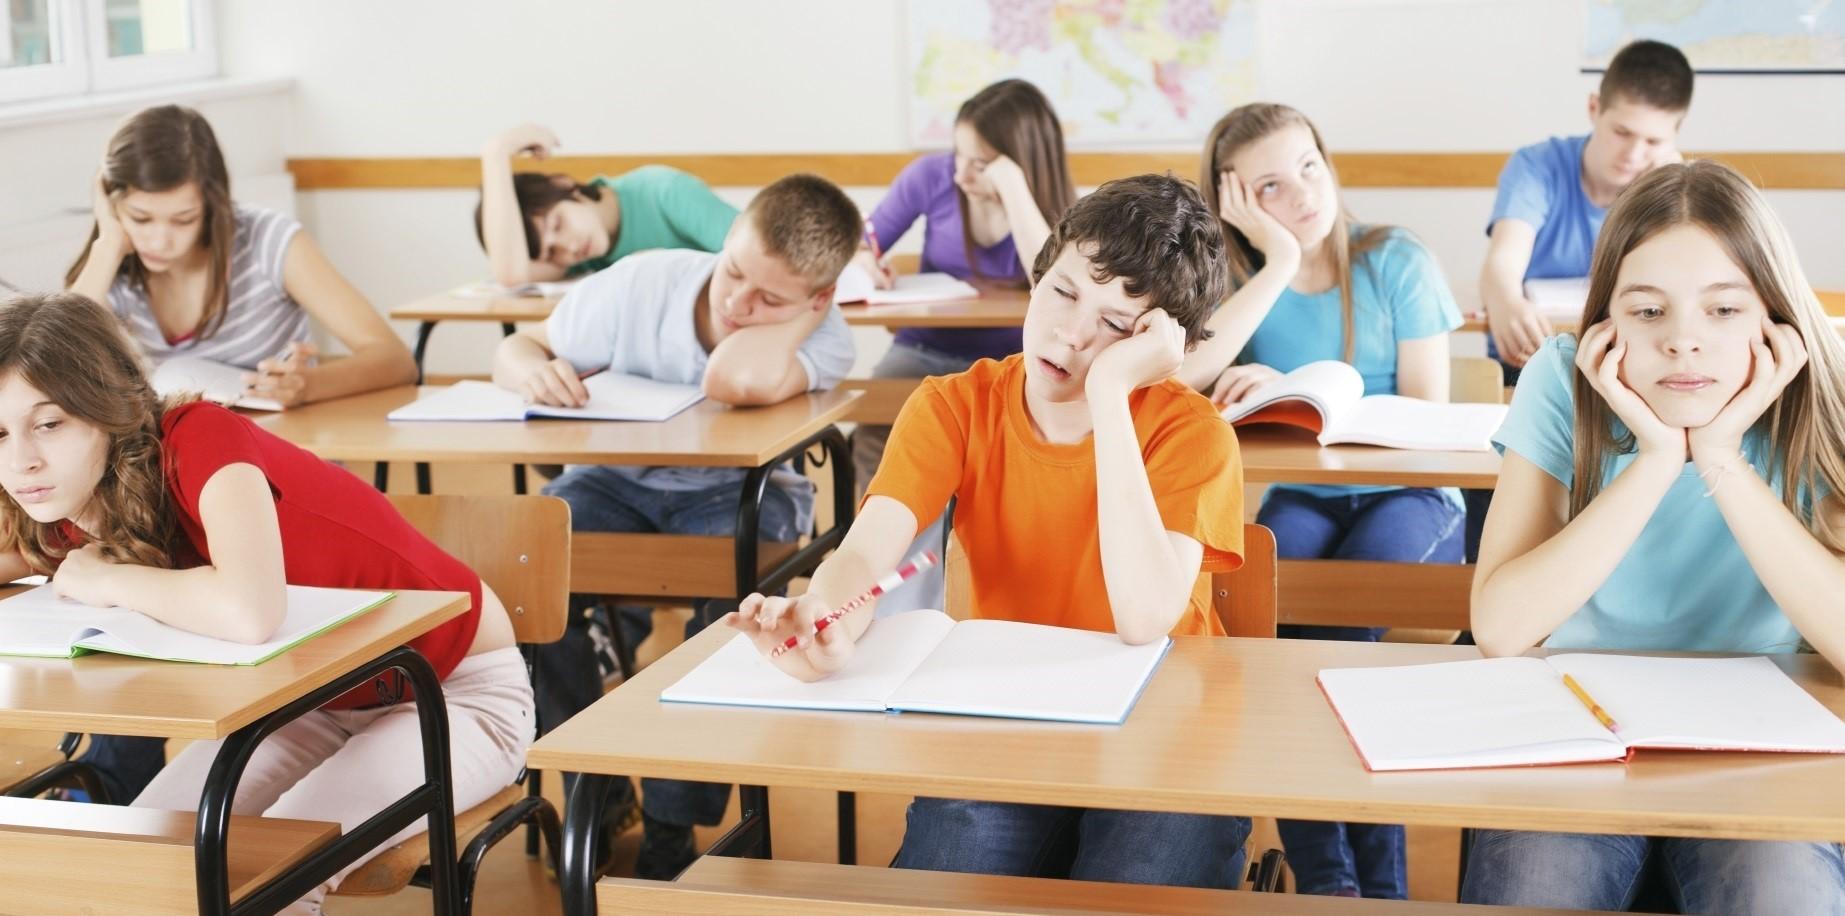 le sommeil - enfant - mémoire - repos - inaction - sieste - assoupissement - somnolence